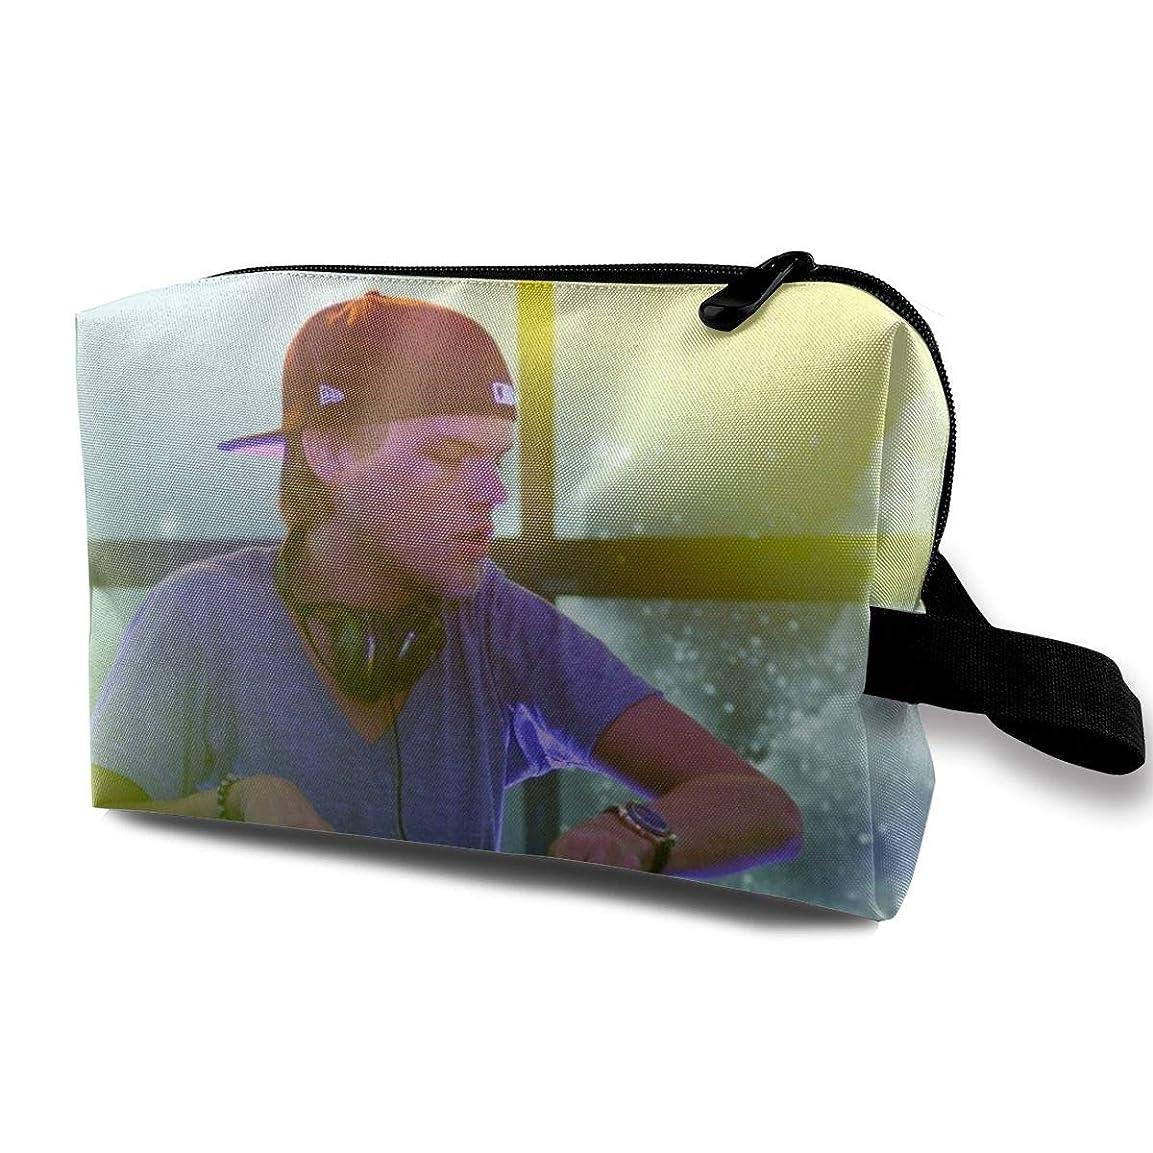 ご覧ください悲観的味付けJoycego Avicii アヴィーチー ポーチ バッグ 化粧バッグ 収納袋 ジッパー付きポータブル メイクポーチ